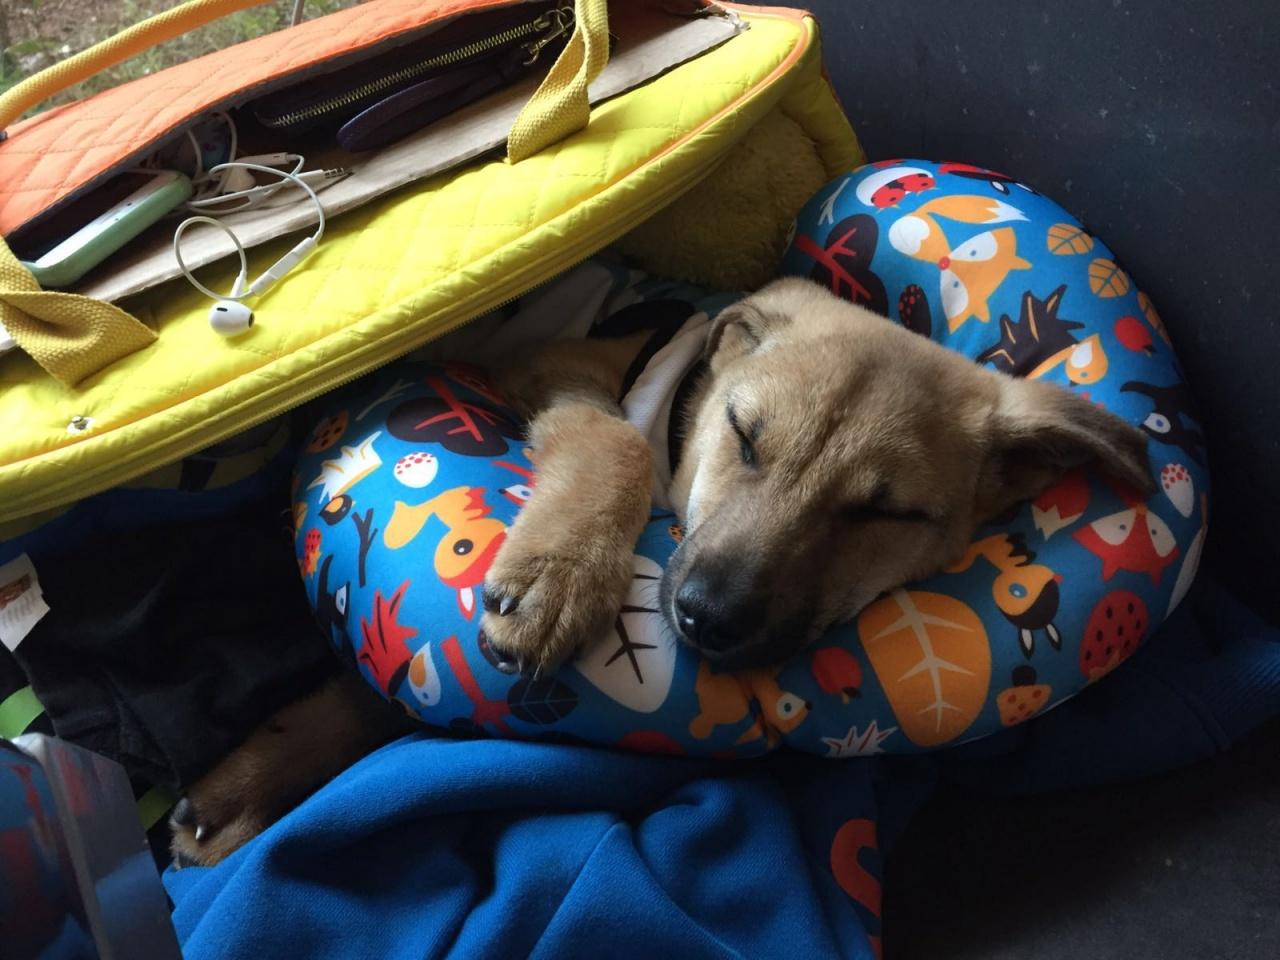 還在幼犬期的希希,樣子惹人憐愛。(ChiWing DogBase提供)